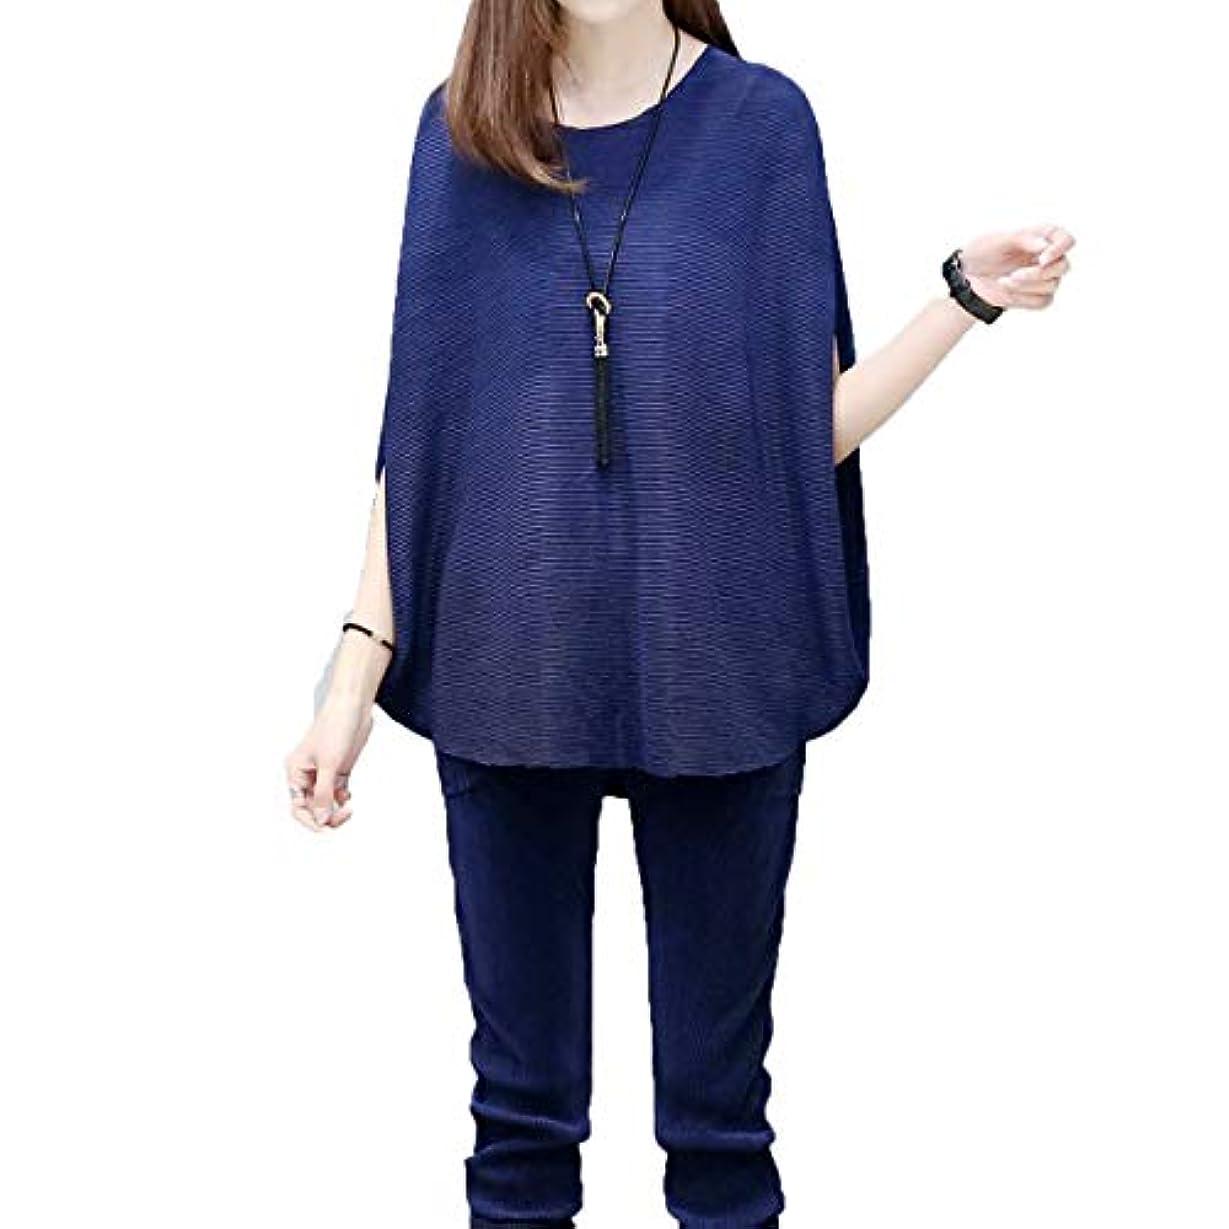 ビデオ急流シェア[ココチエ] レディース トップス Tシャツ 二の腕 カバー 半袖 ノースリーブ プルオーバー ゆったり 大人体型 体型カバー おおきいサイズ おしゃれ 黒 ネイビー